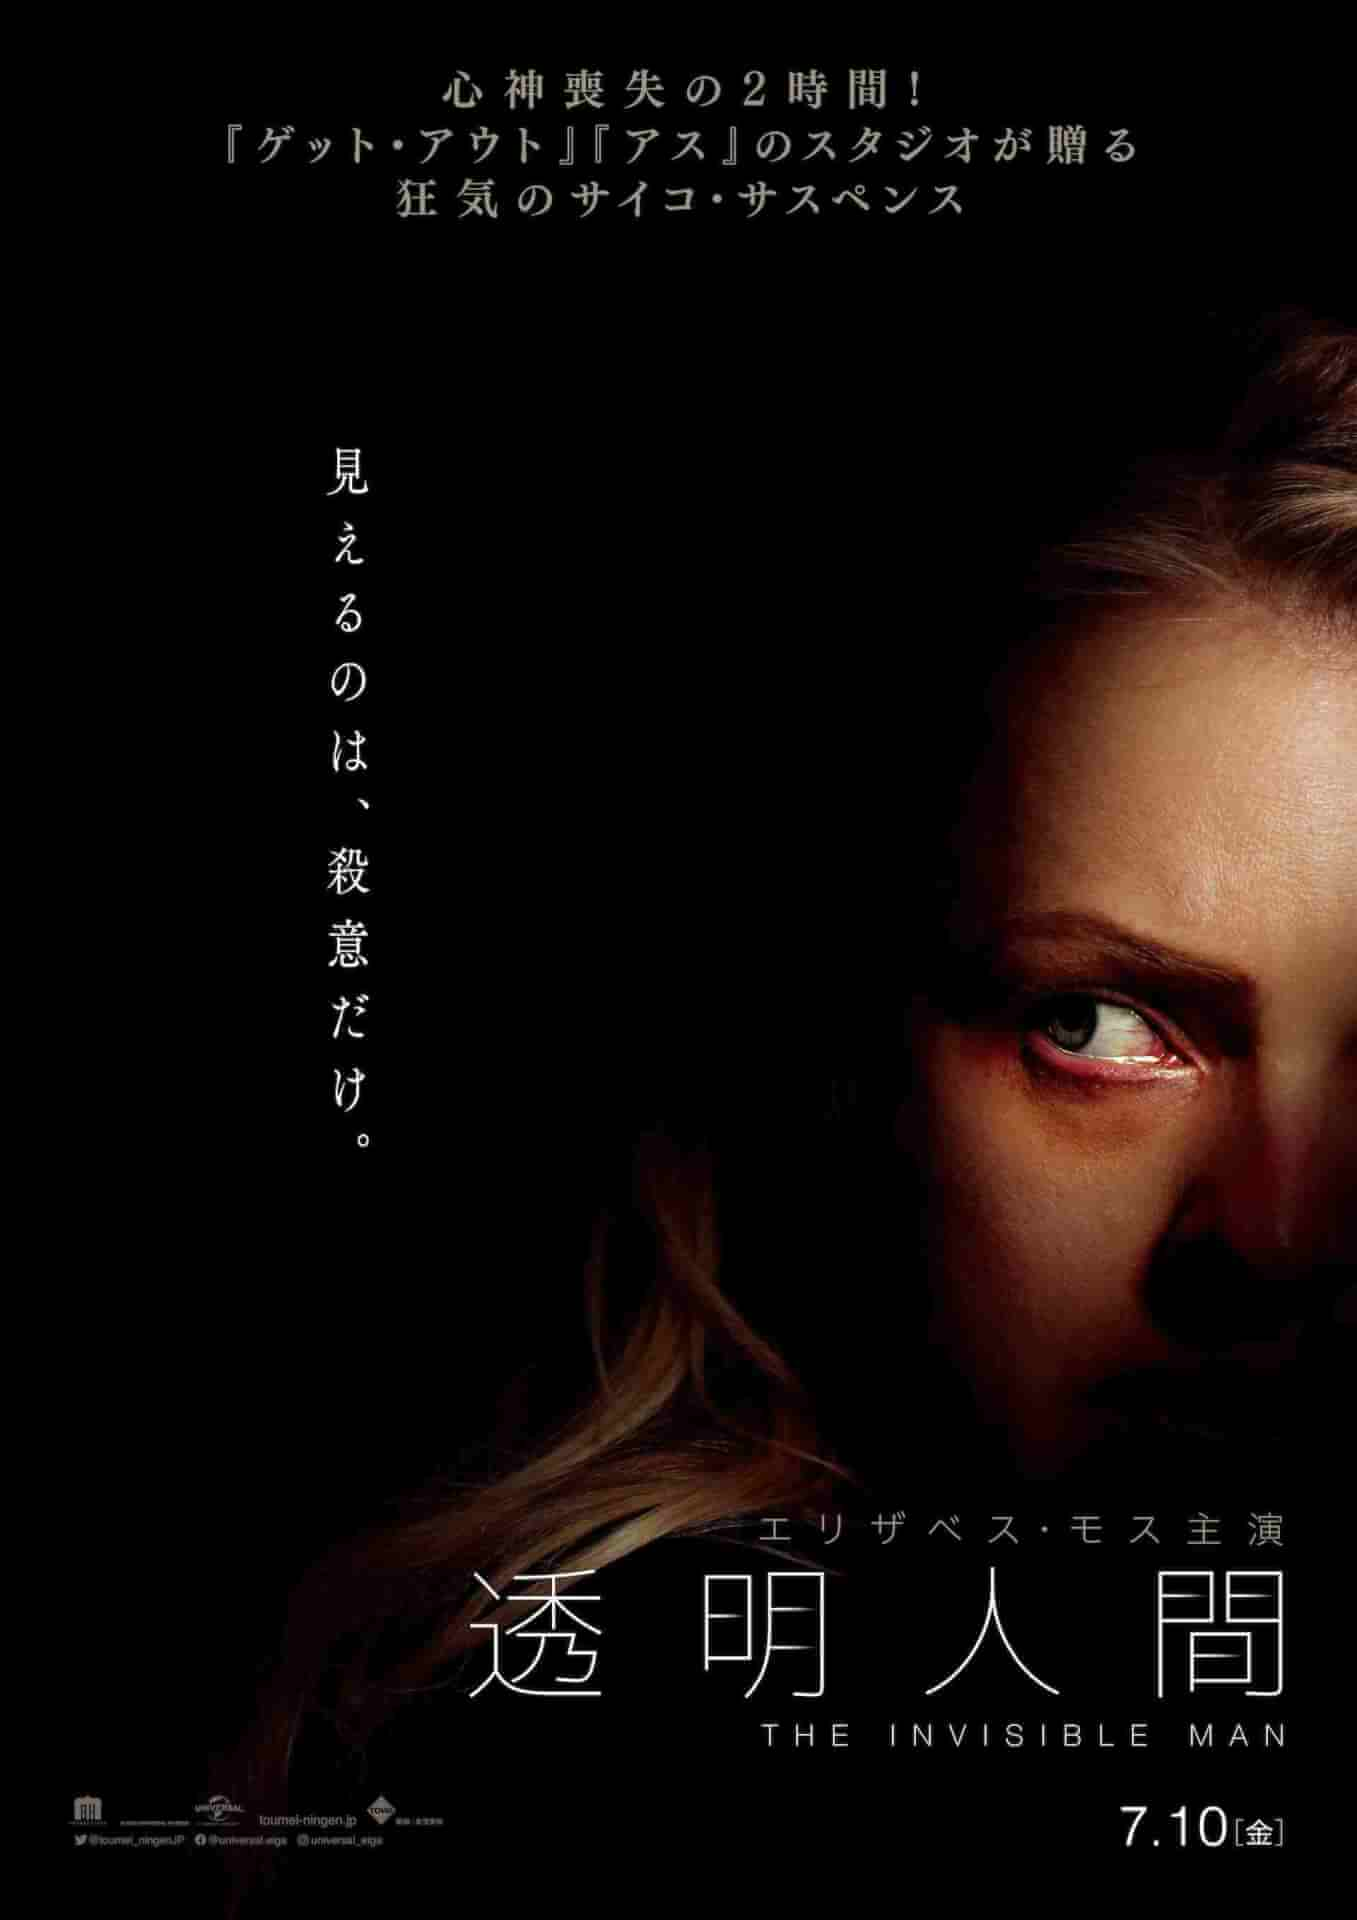 7月公開の映画で期待度が最も高いのは!?『WAVES/ウェイブス』『レイニーデイ・イン・ニューヨーク』などランクインの期待度ランキングがFilmarksで発表 film200630_movie_july_1